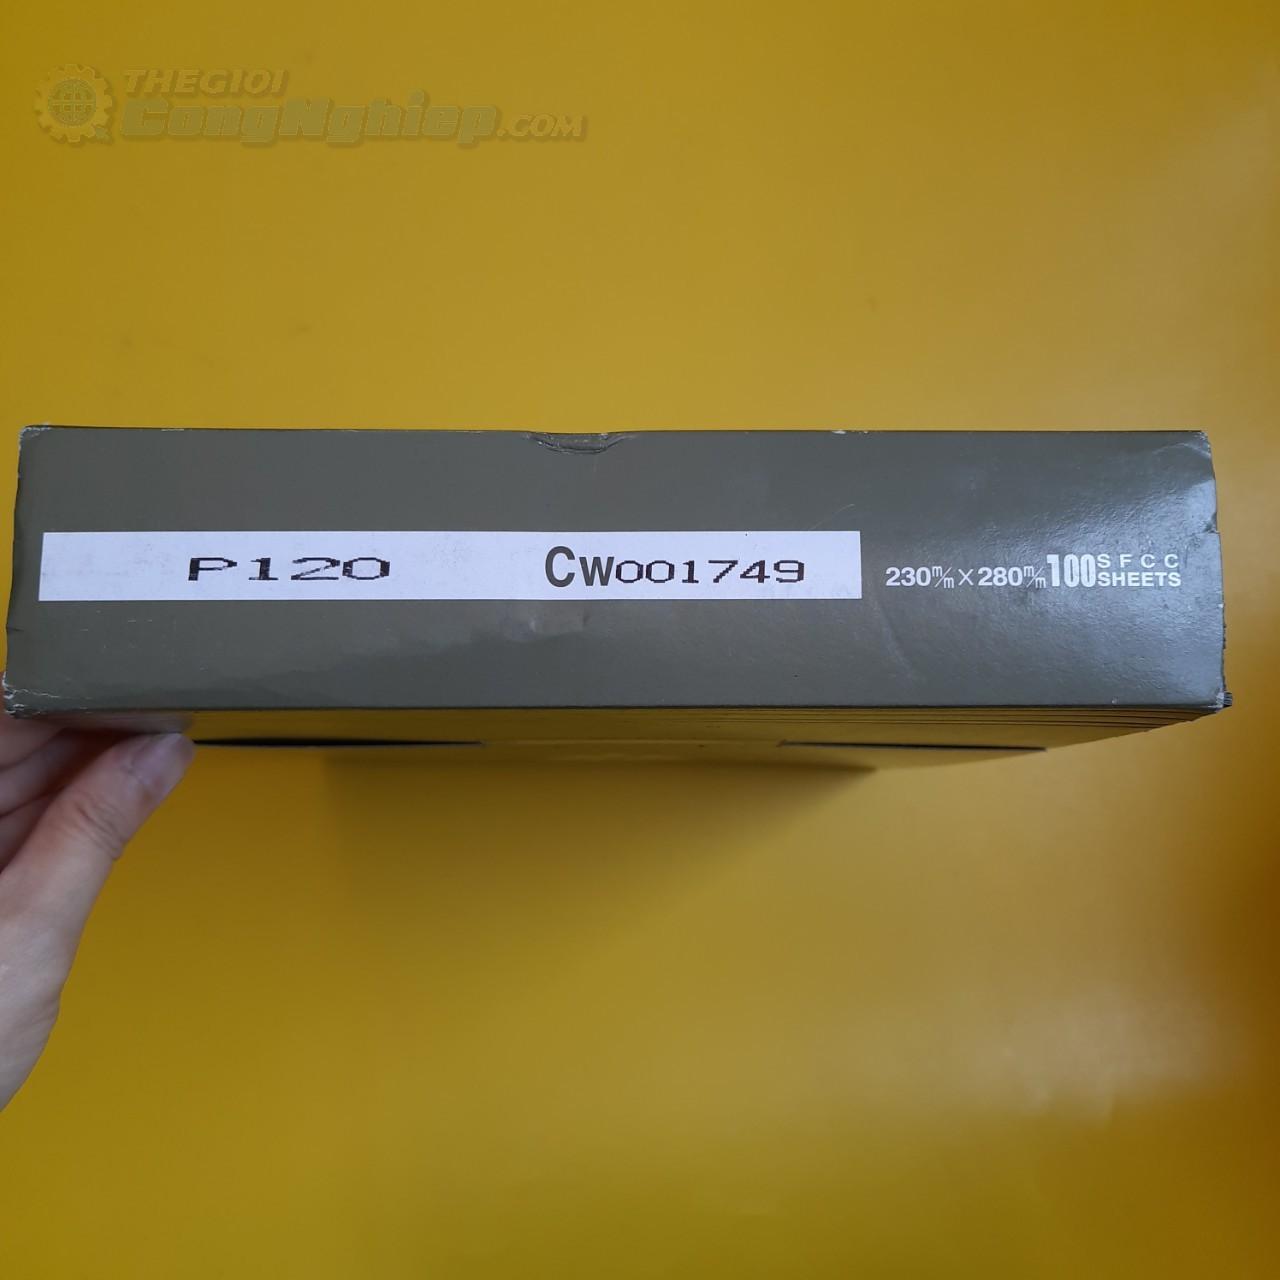 Giấy nhám tờ 230mm x 280mm  P120 KOVAX